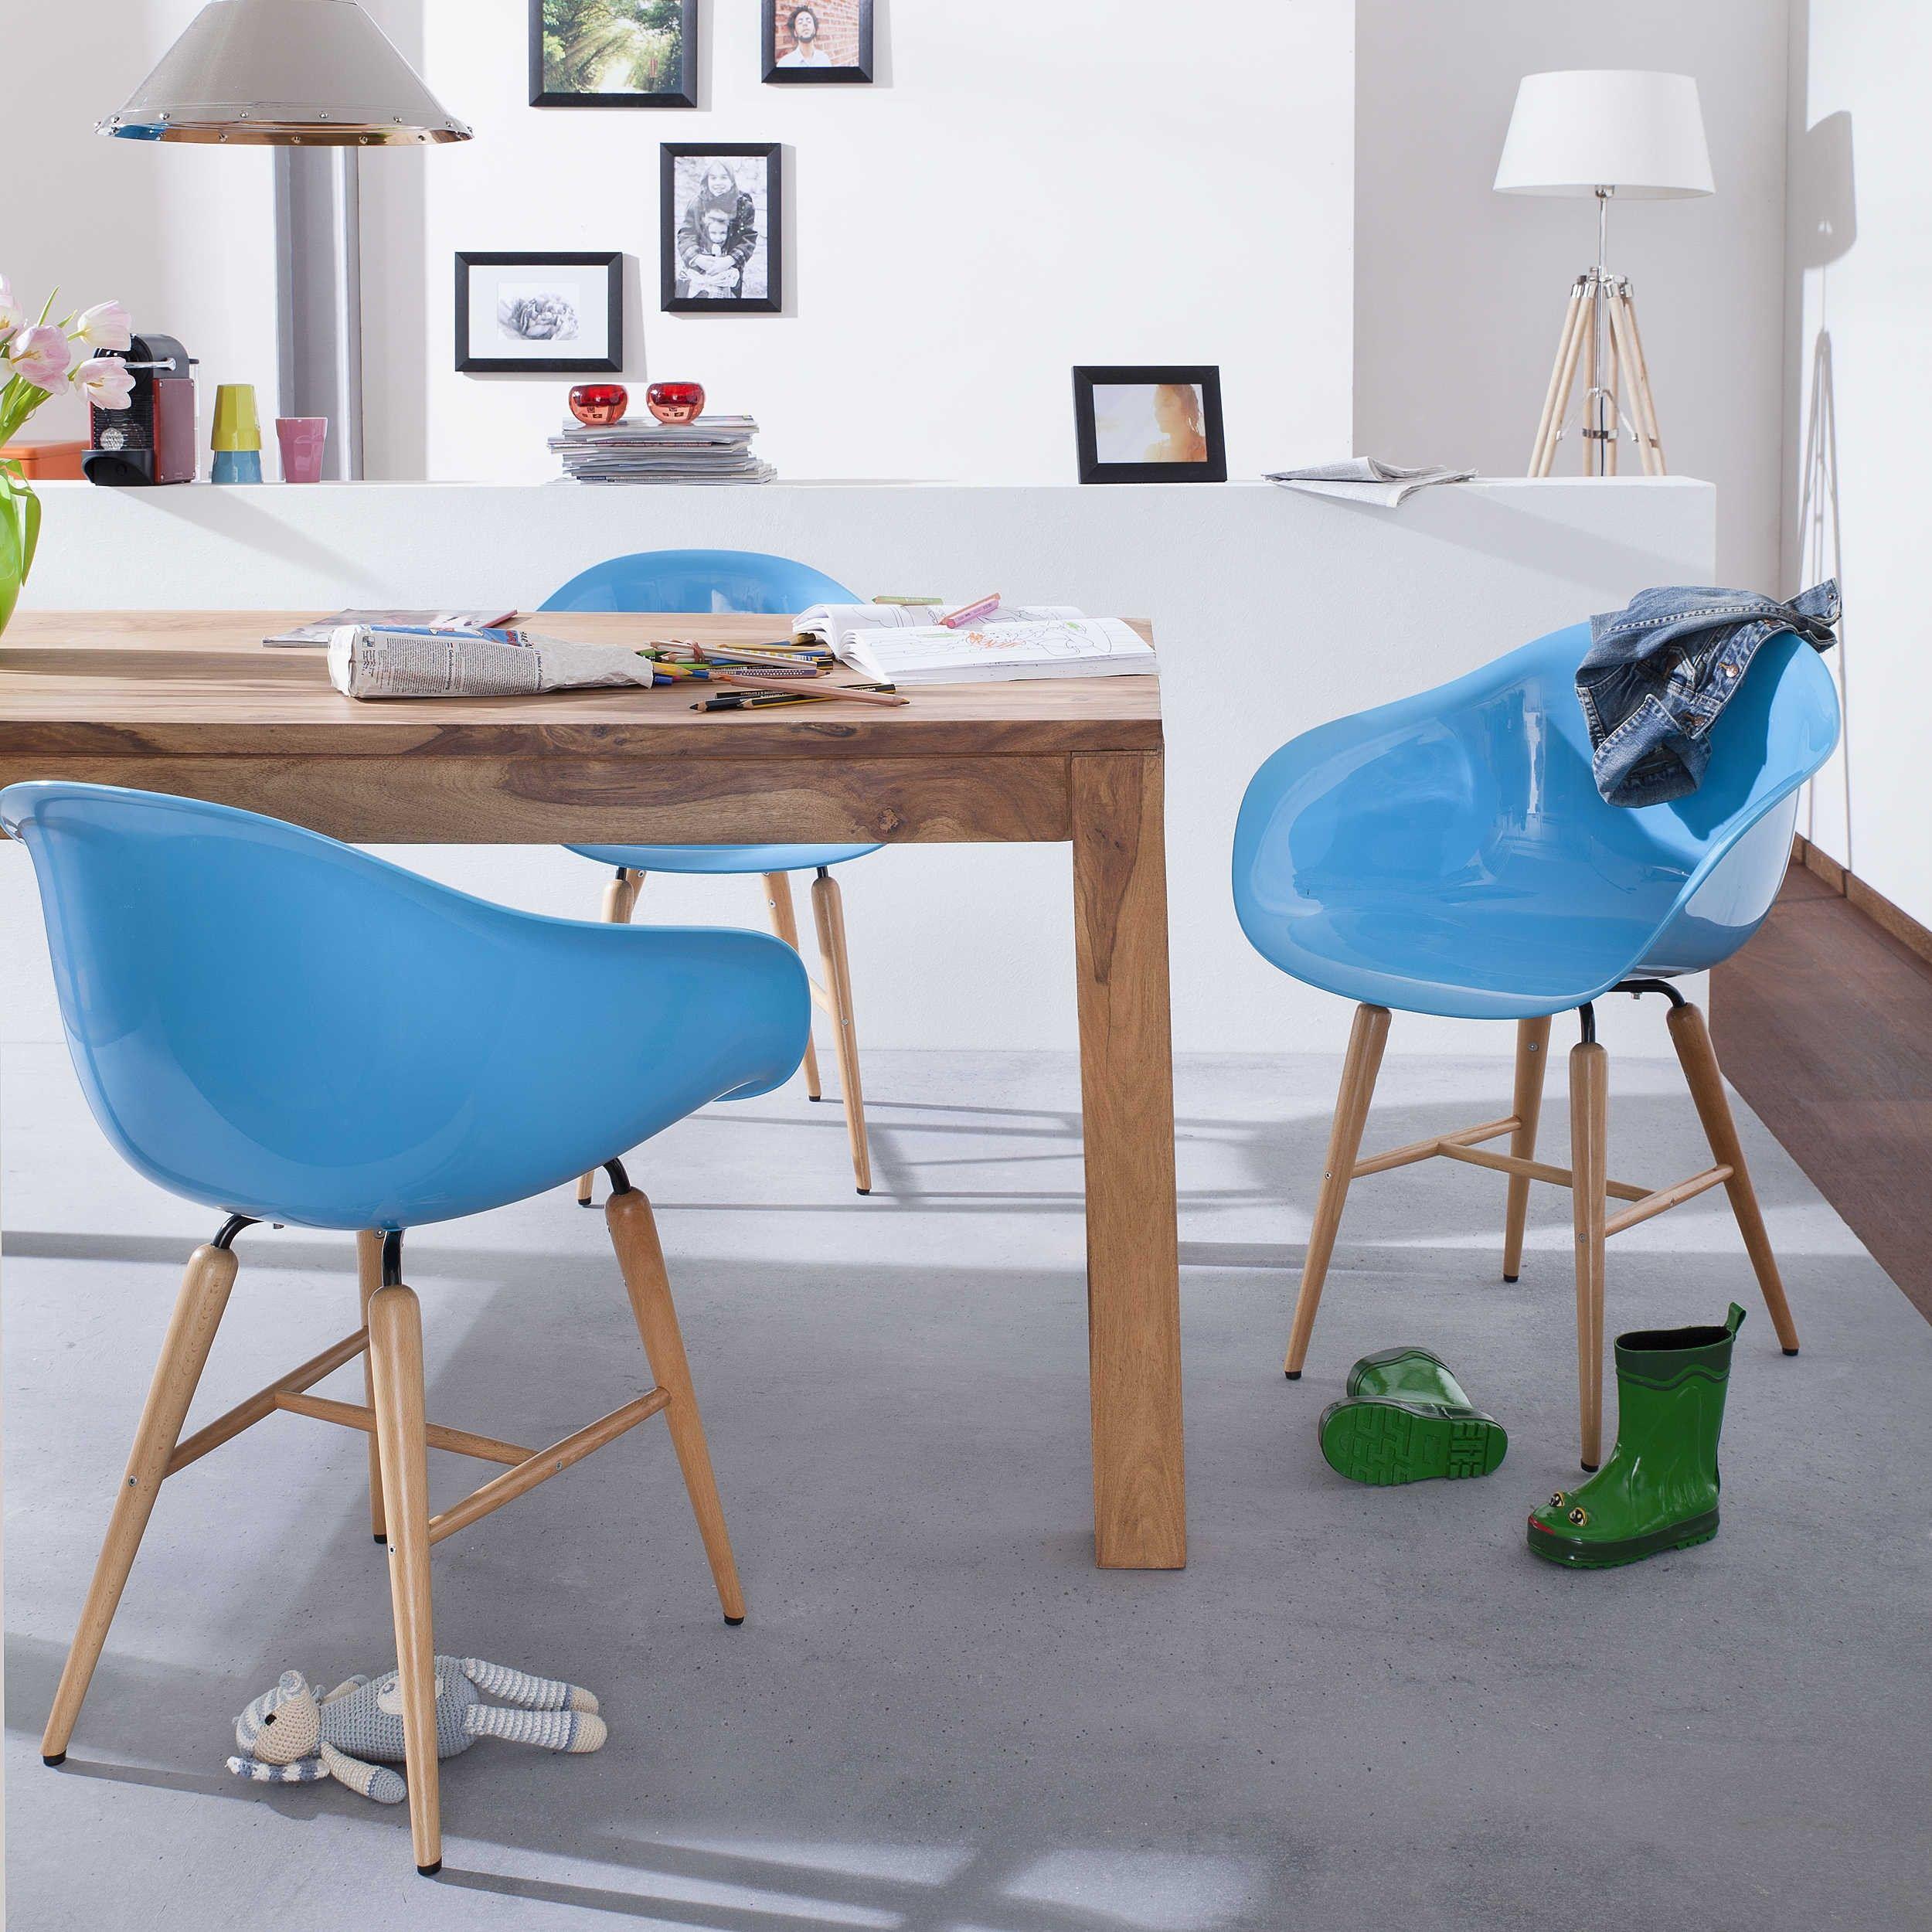 Kare stuhl forum wood weiß 4 fuß stühle stühle freischwinger esszimmer